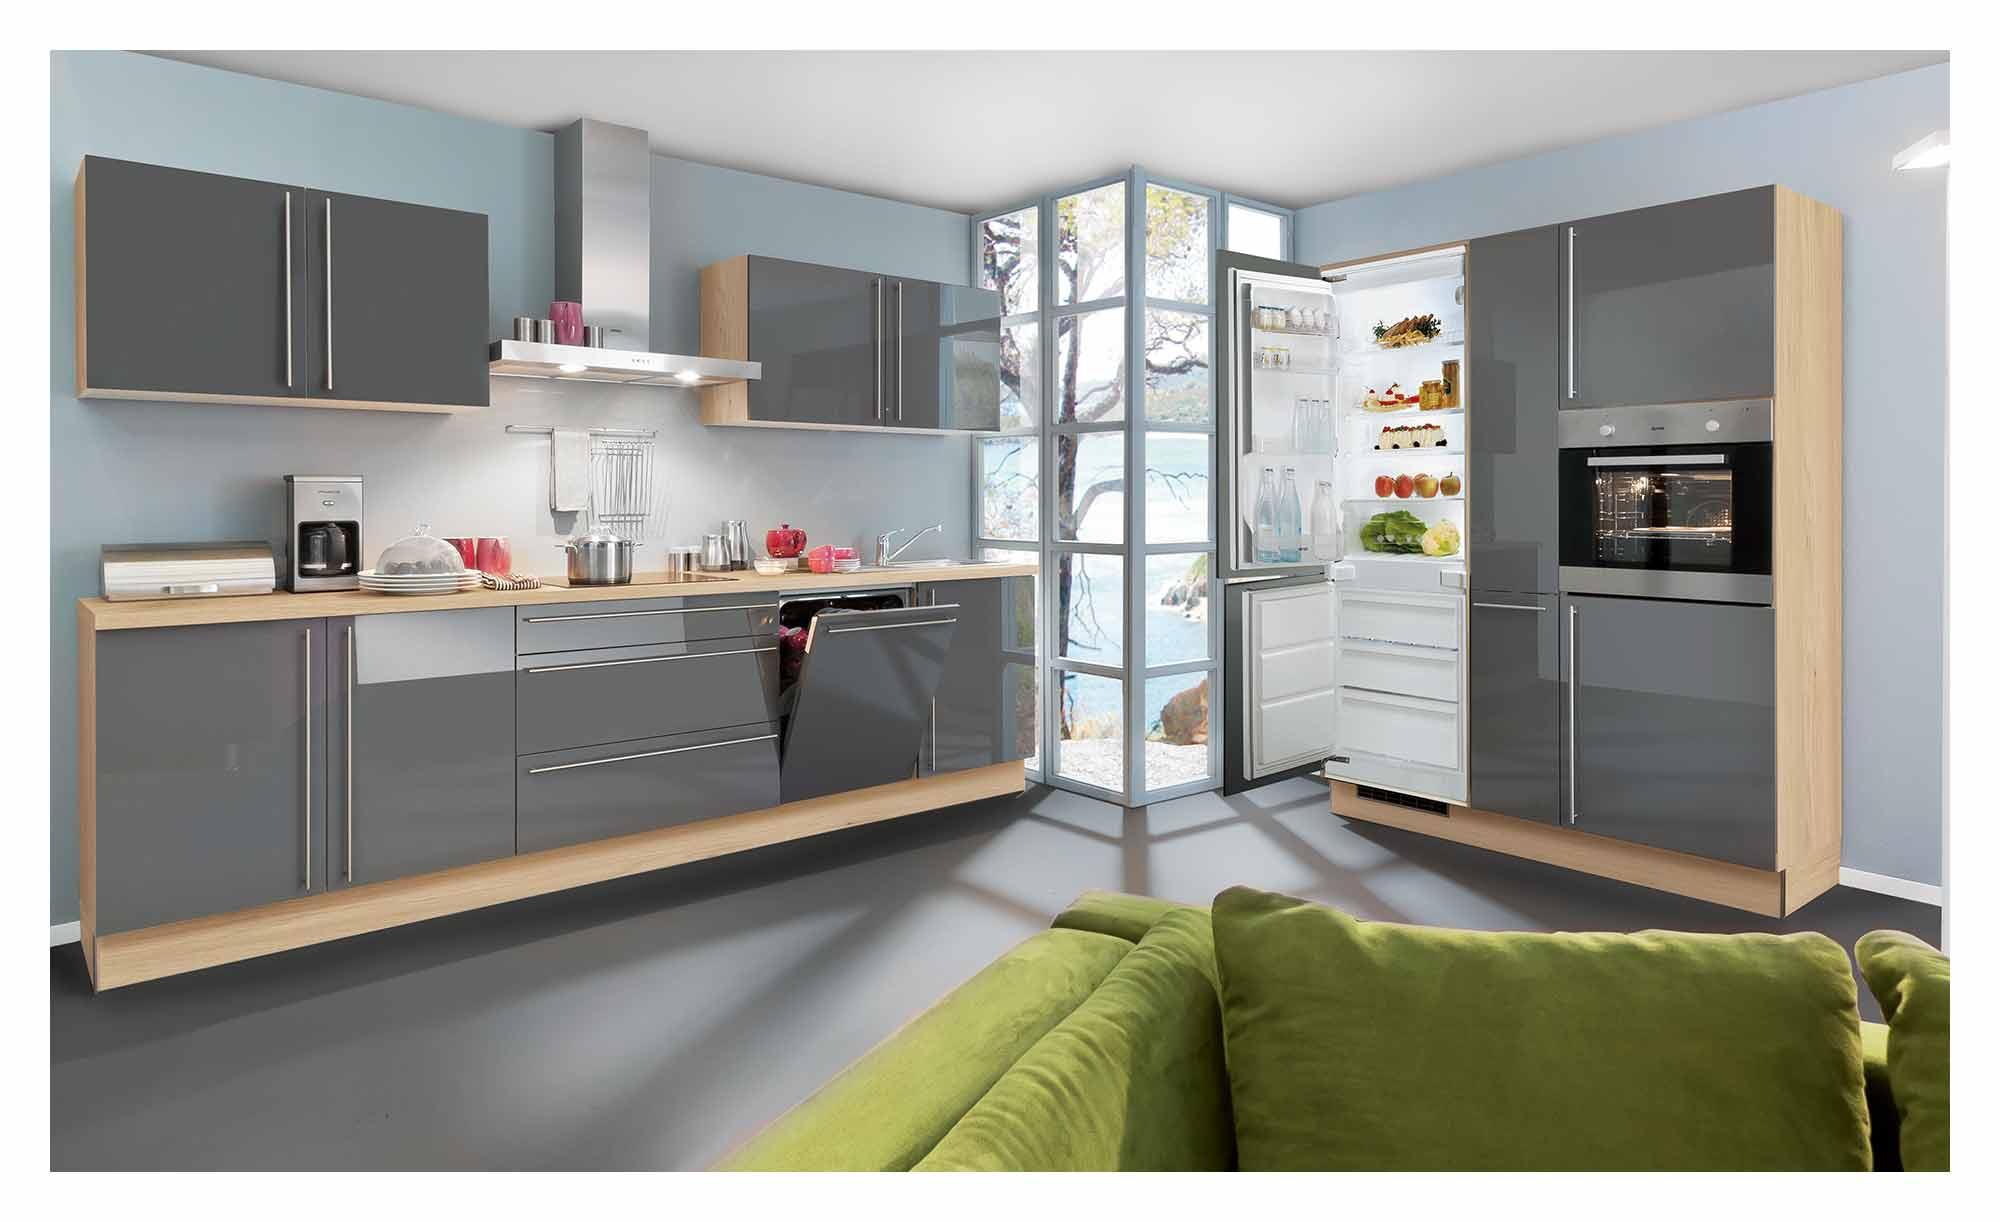 Full Size of Küche Mit Anthrazit Boden Küche Anthrazit Fliesen Nobilia Küche Anthrazit Next Küche Anthrazit Küche Küche Anthrazit